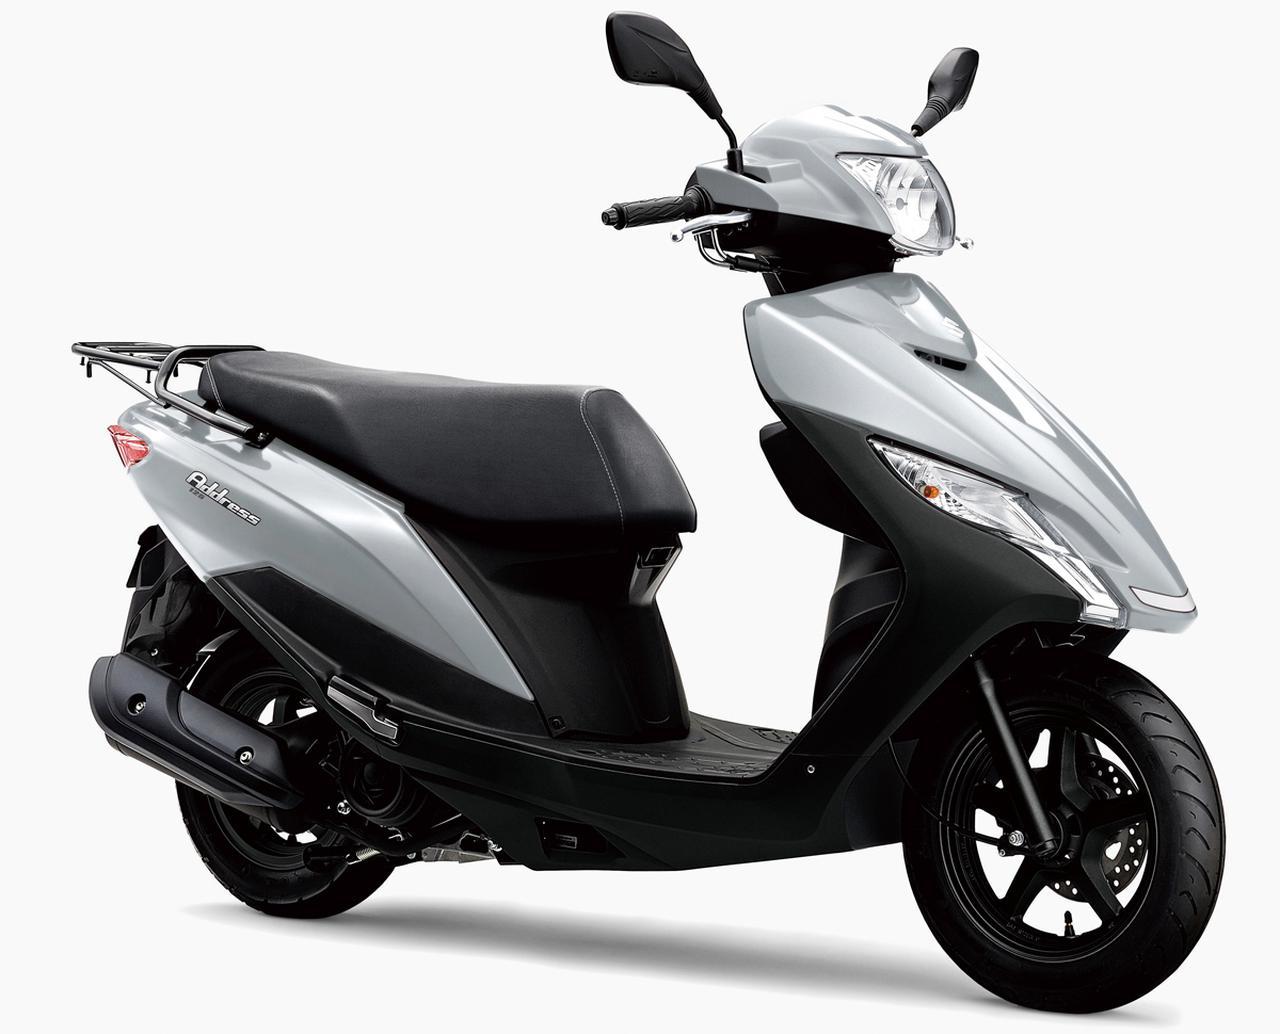 スズキ「アドレス125」【1分で読める 2021年に新車で購入可能なバイク紹介】